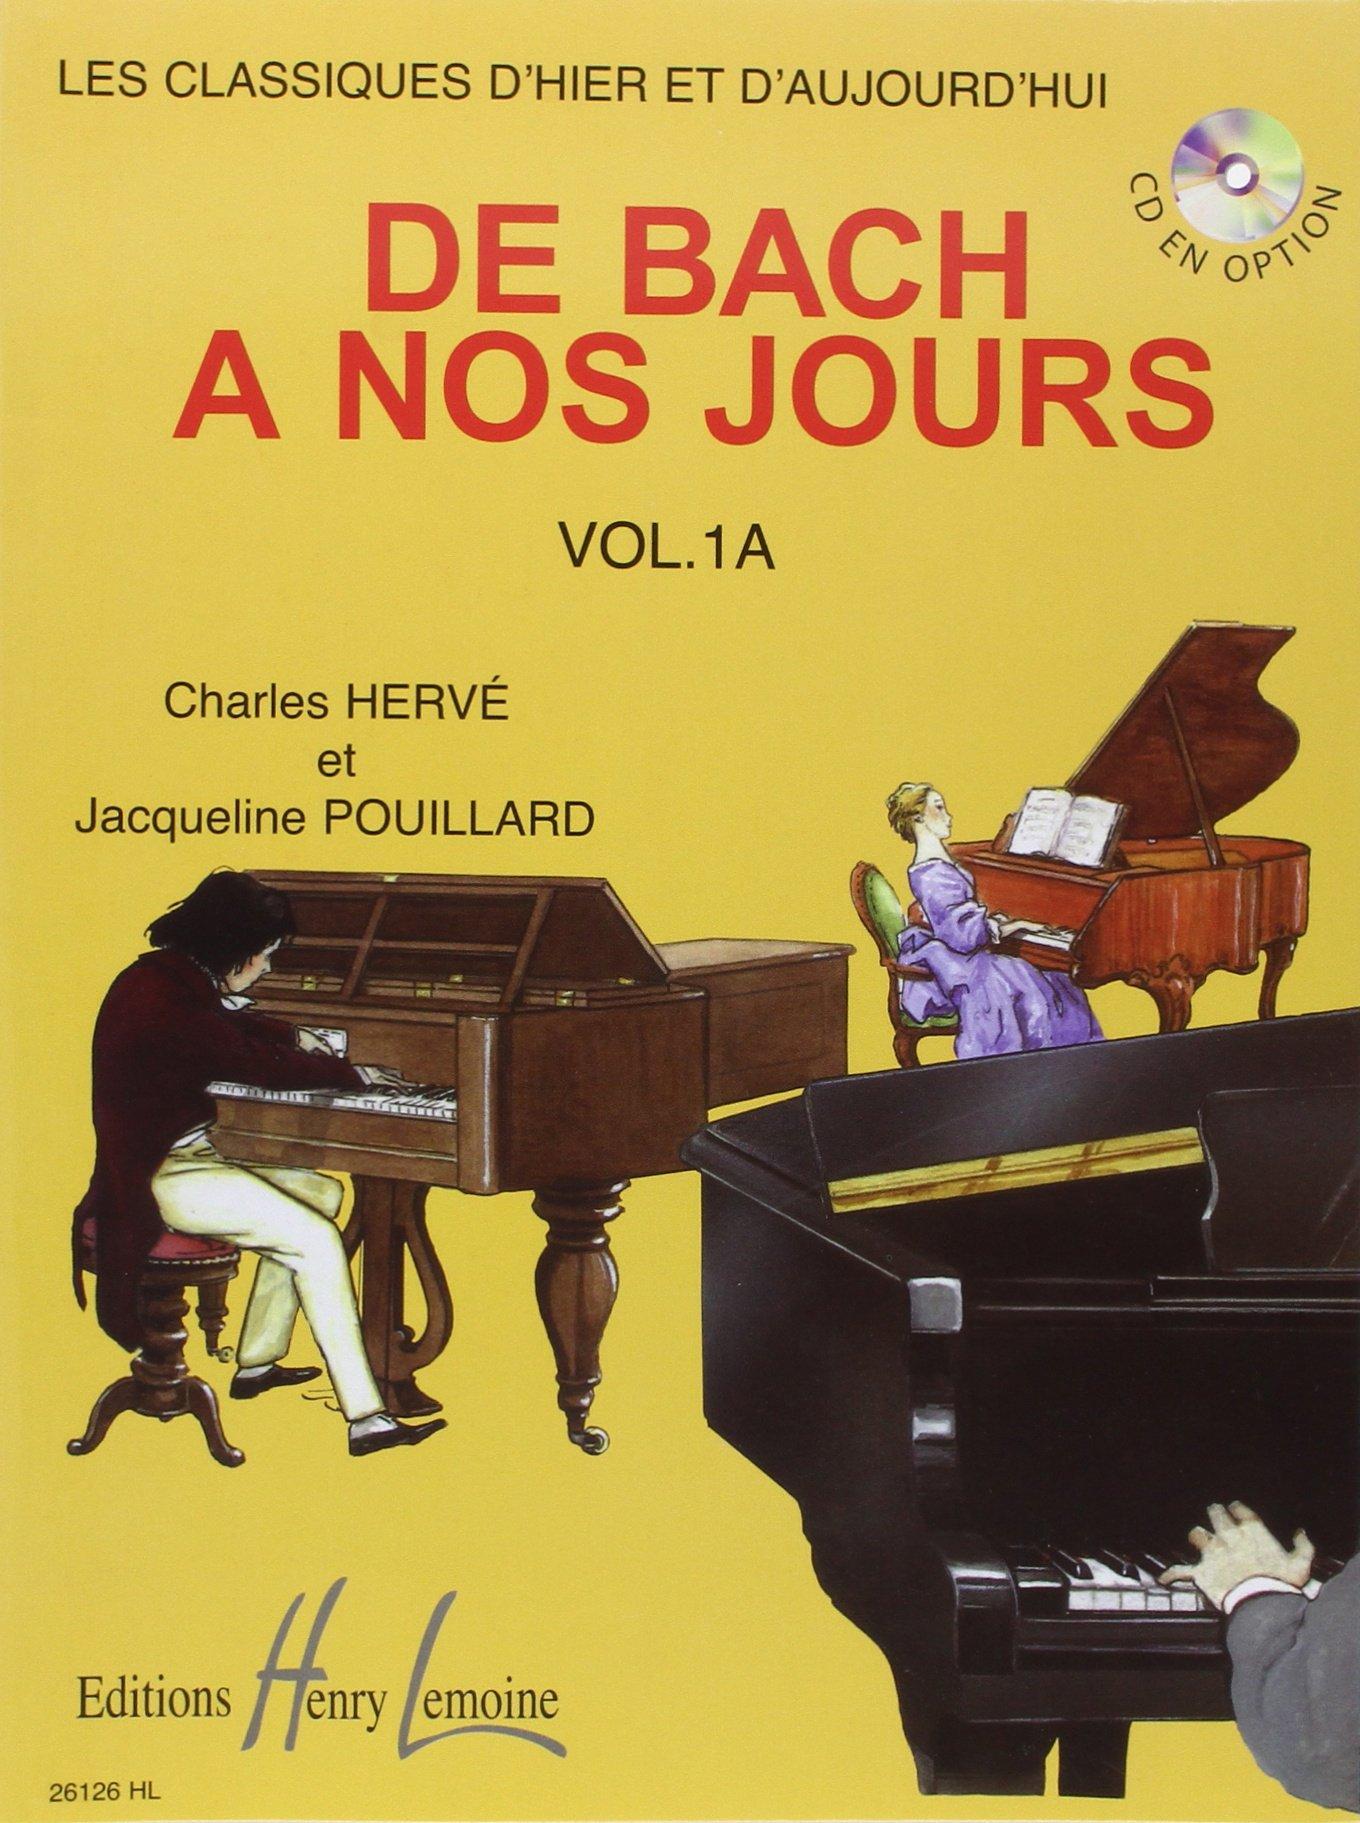 De Bach à nos jours Volume 1A Partition – 1 mai 1994 Charles Herve Jacqueline Pouillard Lemoine B000ZGDM36